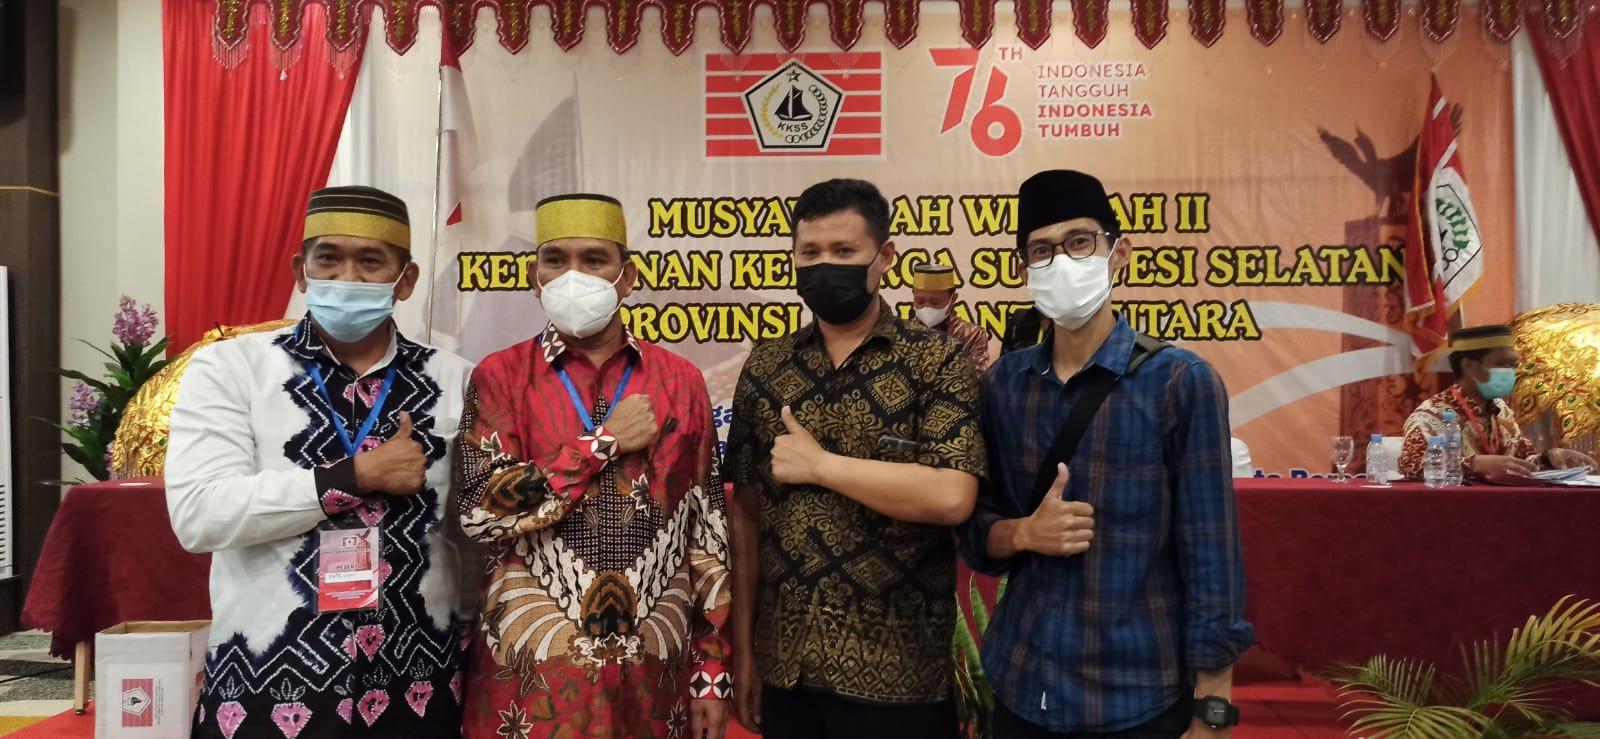 Poto Ketua KKSS terpilih bersama Pilar dari Tana Luwu